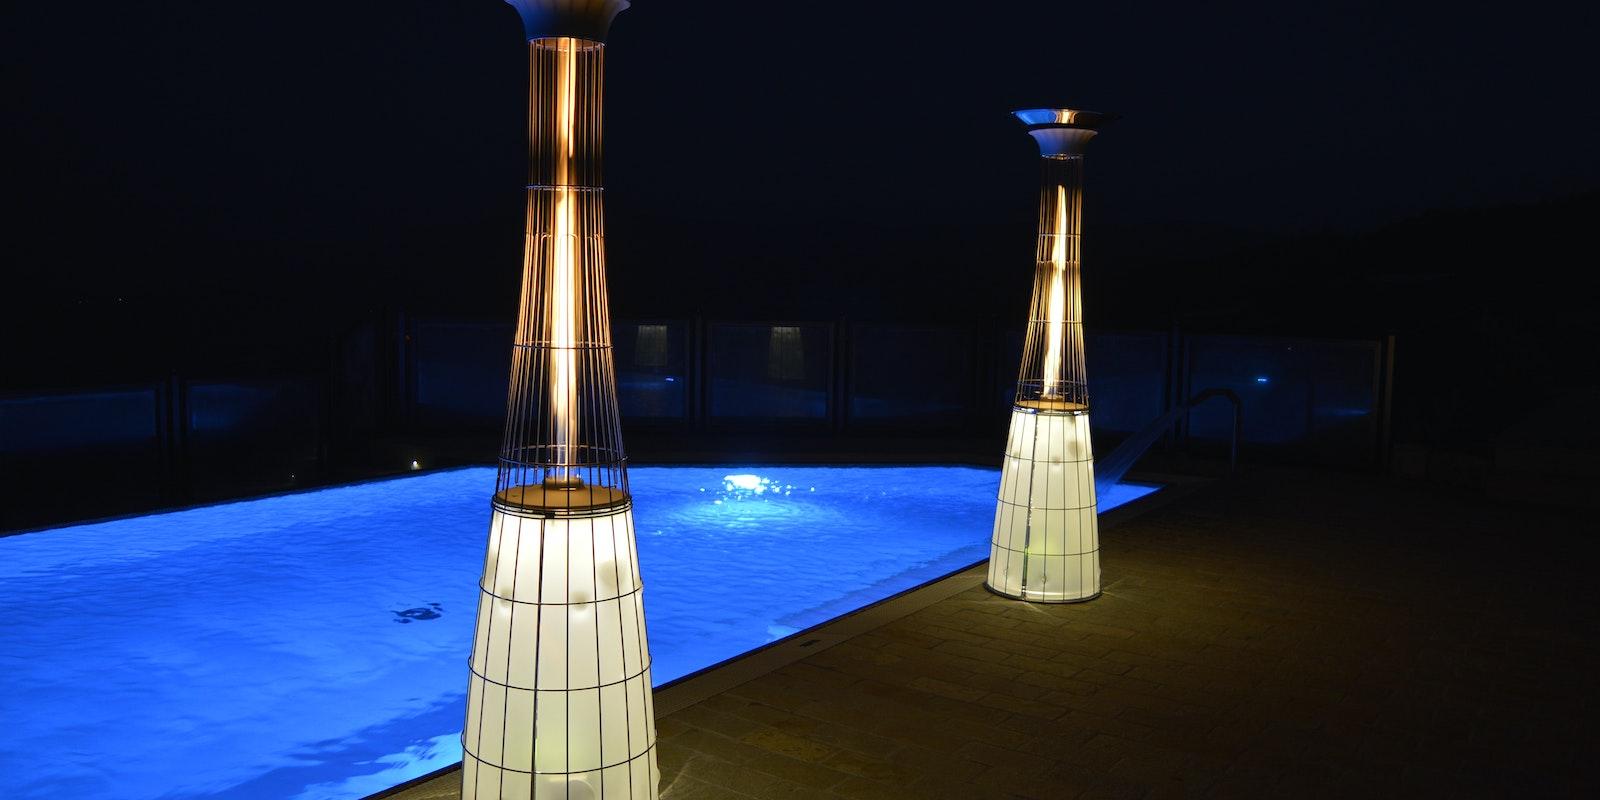 Riscaldatori a gas DolceVita LightFire a bordo piscina